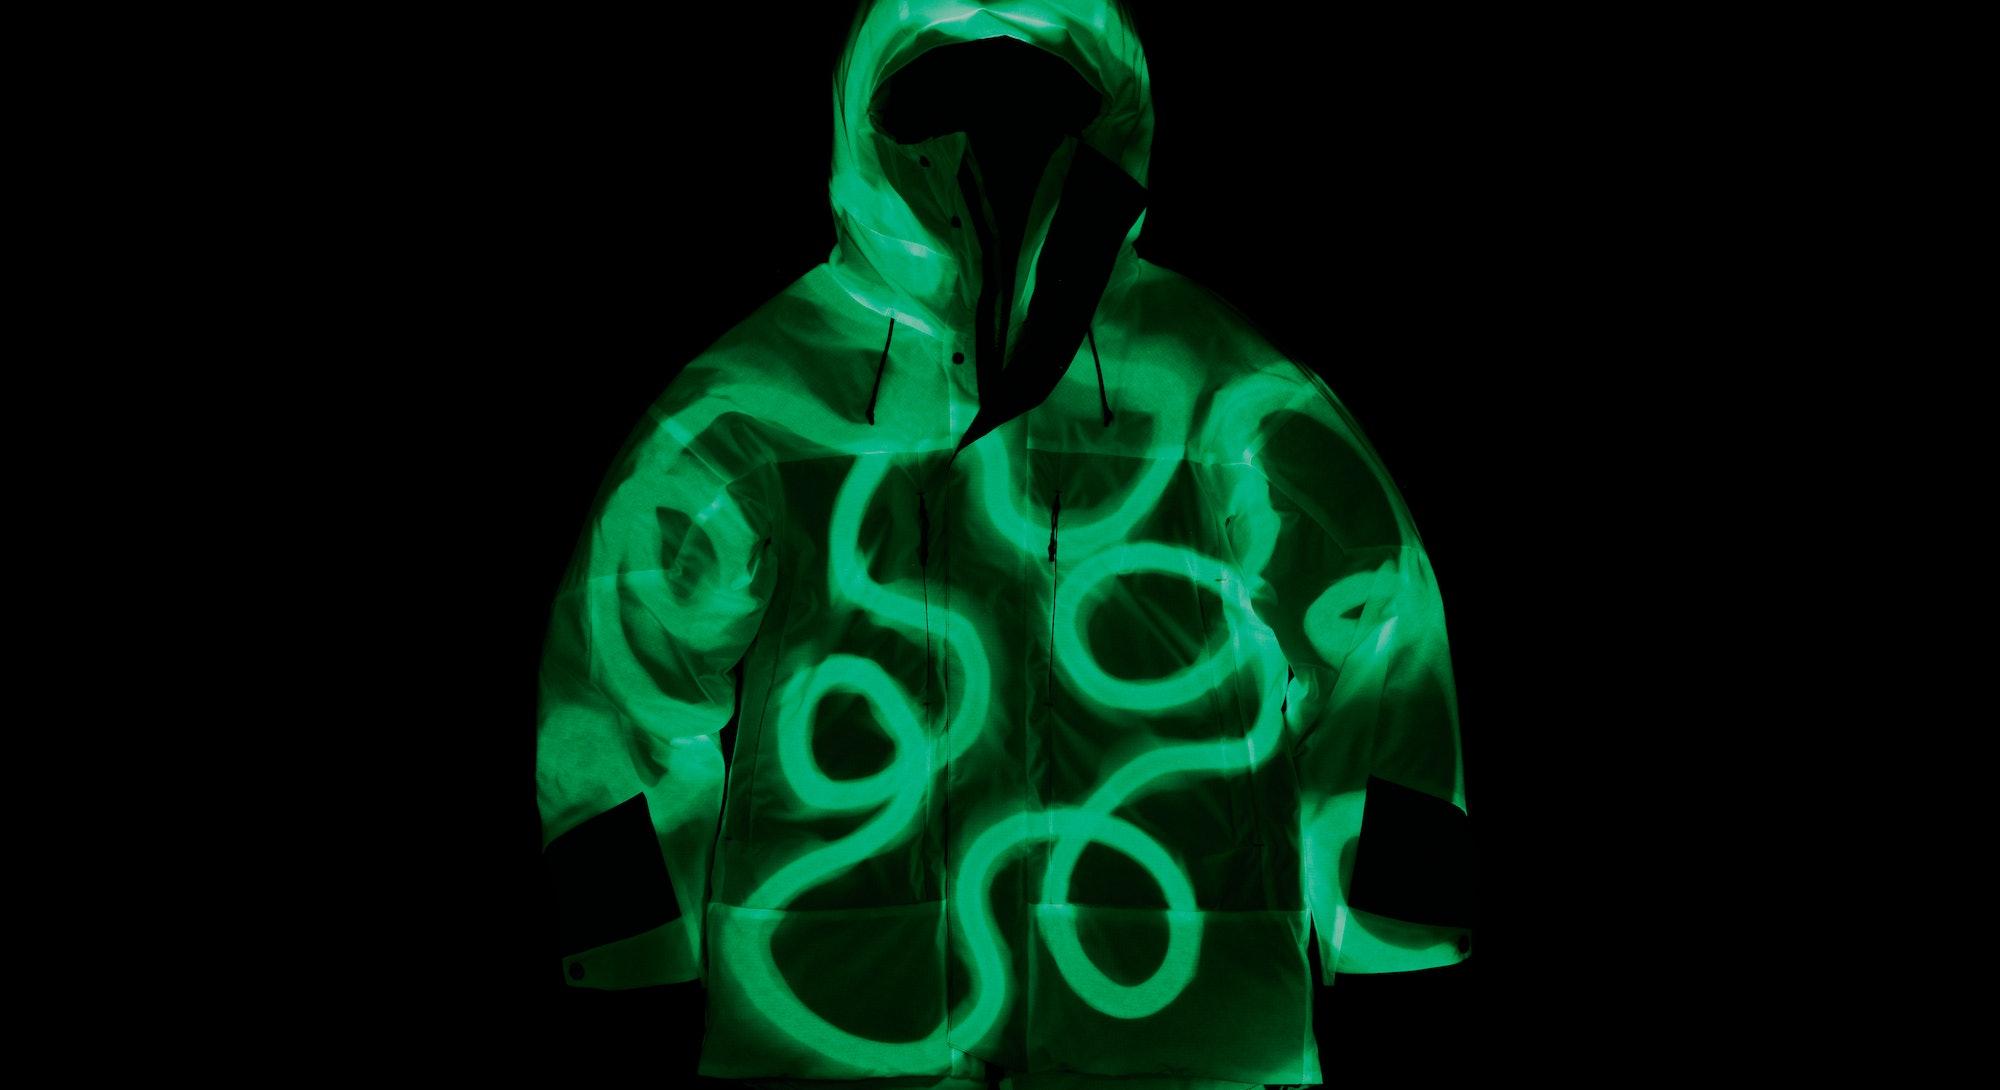 Vollebak's newest puffer jacket which is glow-in-the-dark